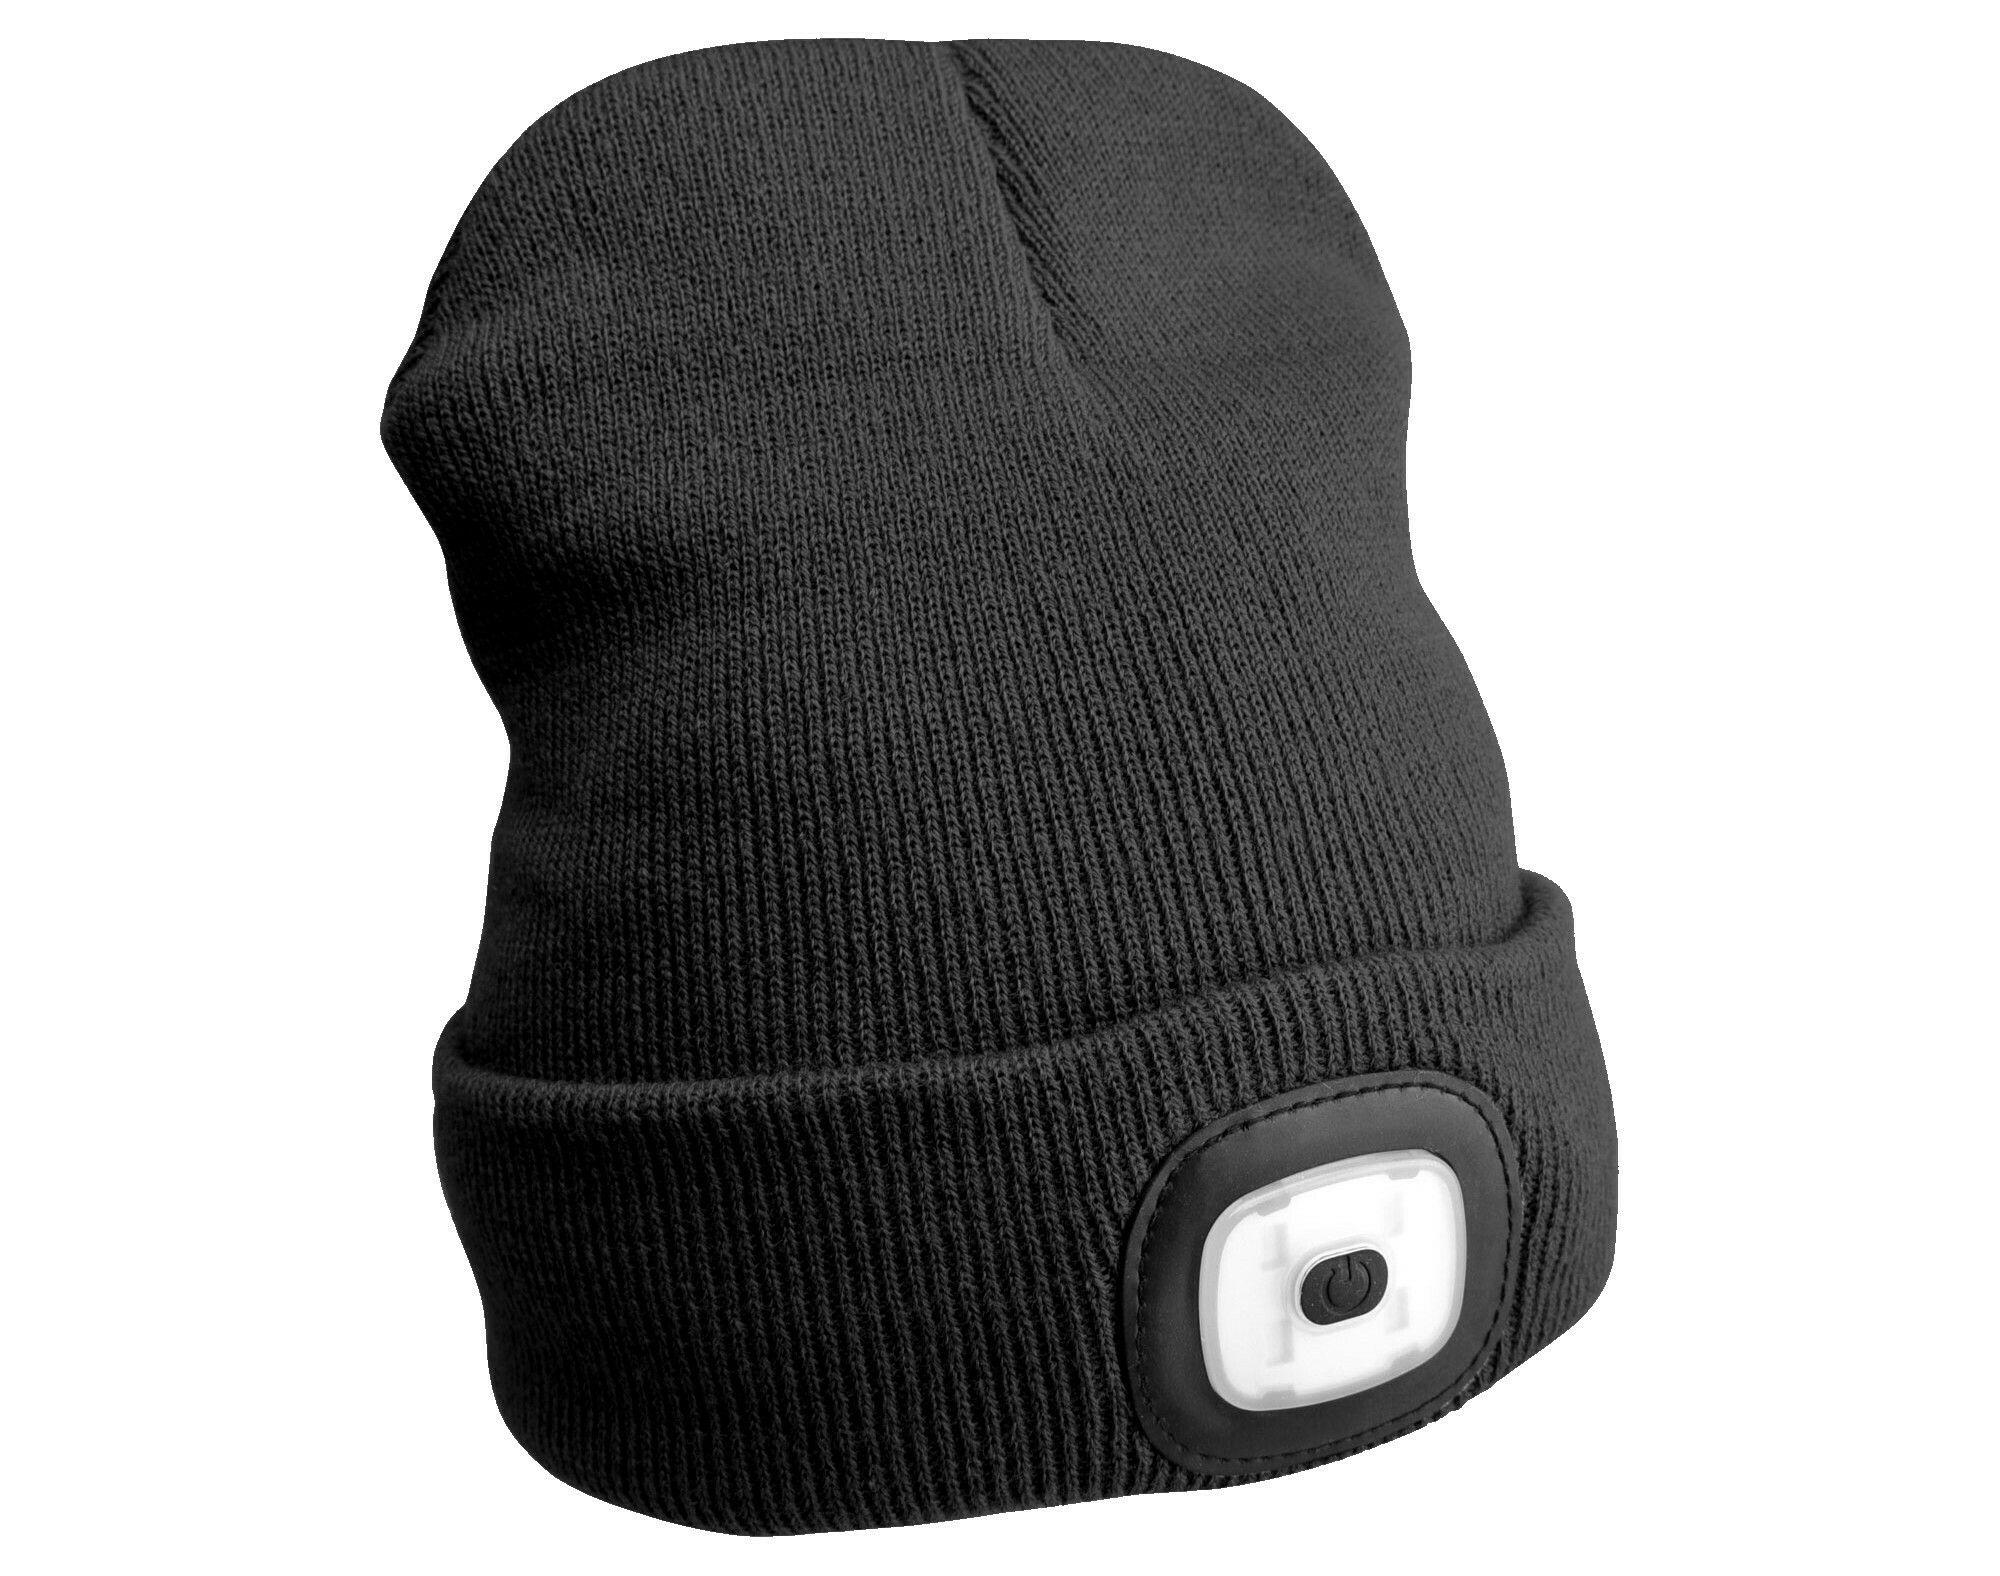 Čepice s čelovkou 180lm, nabíjecí, USB, univerzální velikost, černá SIXTOL